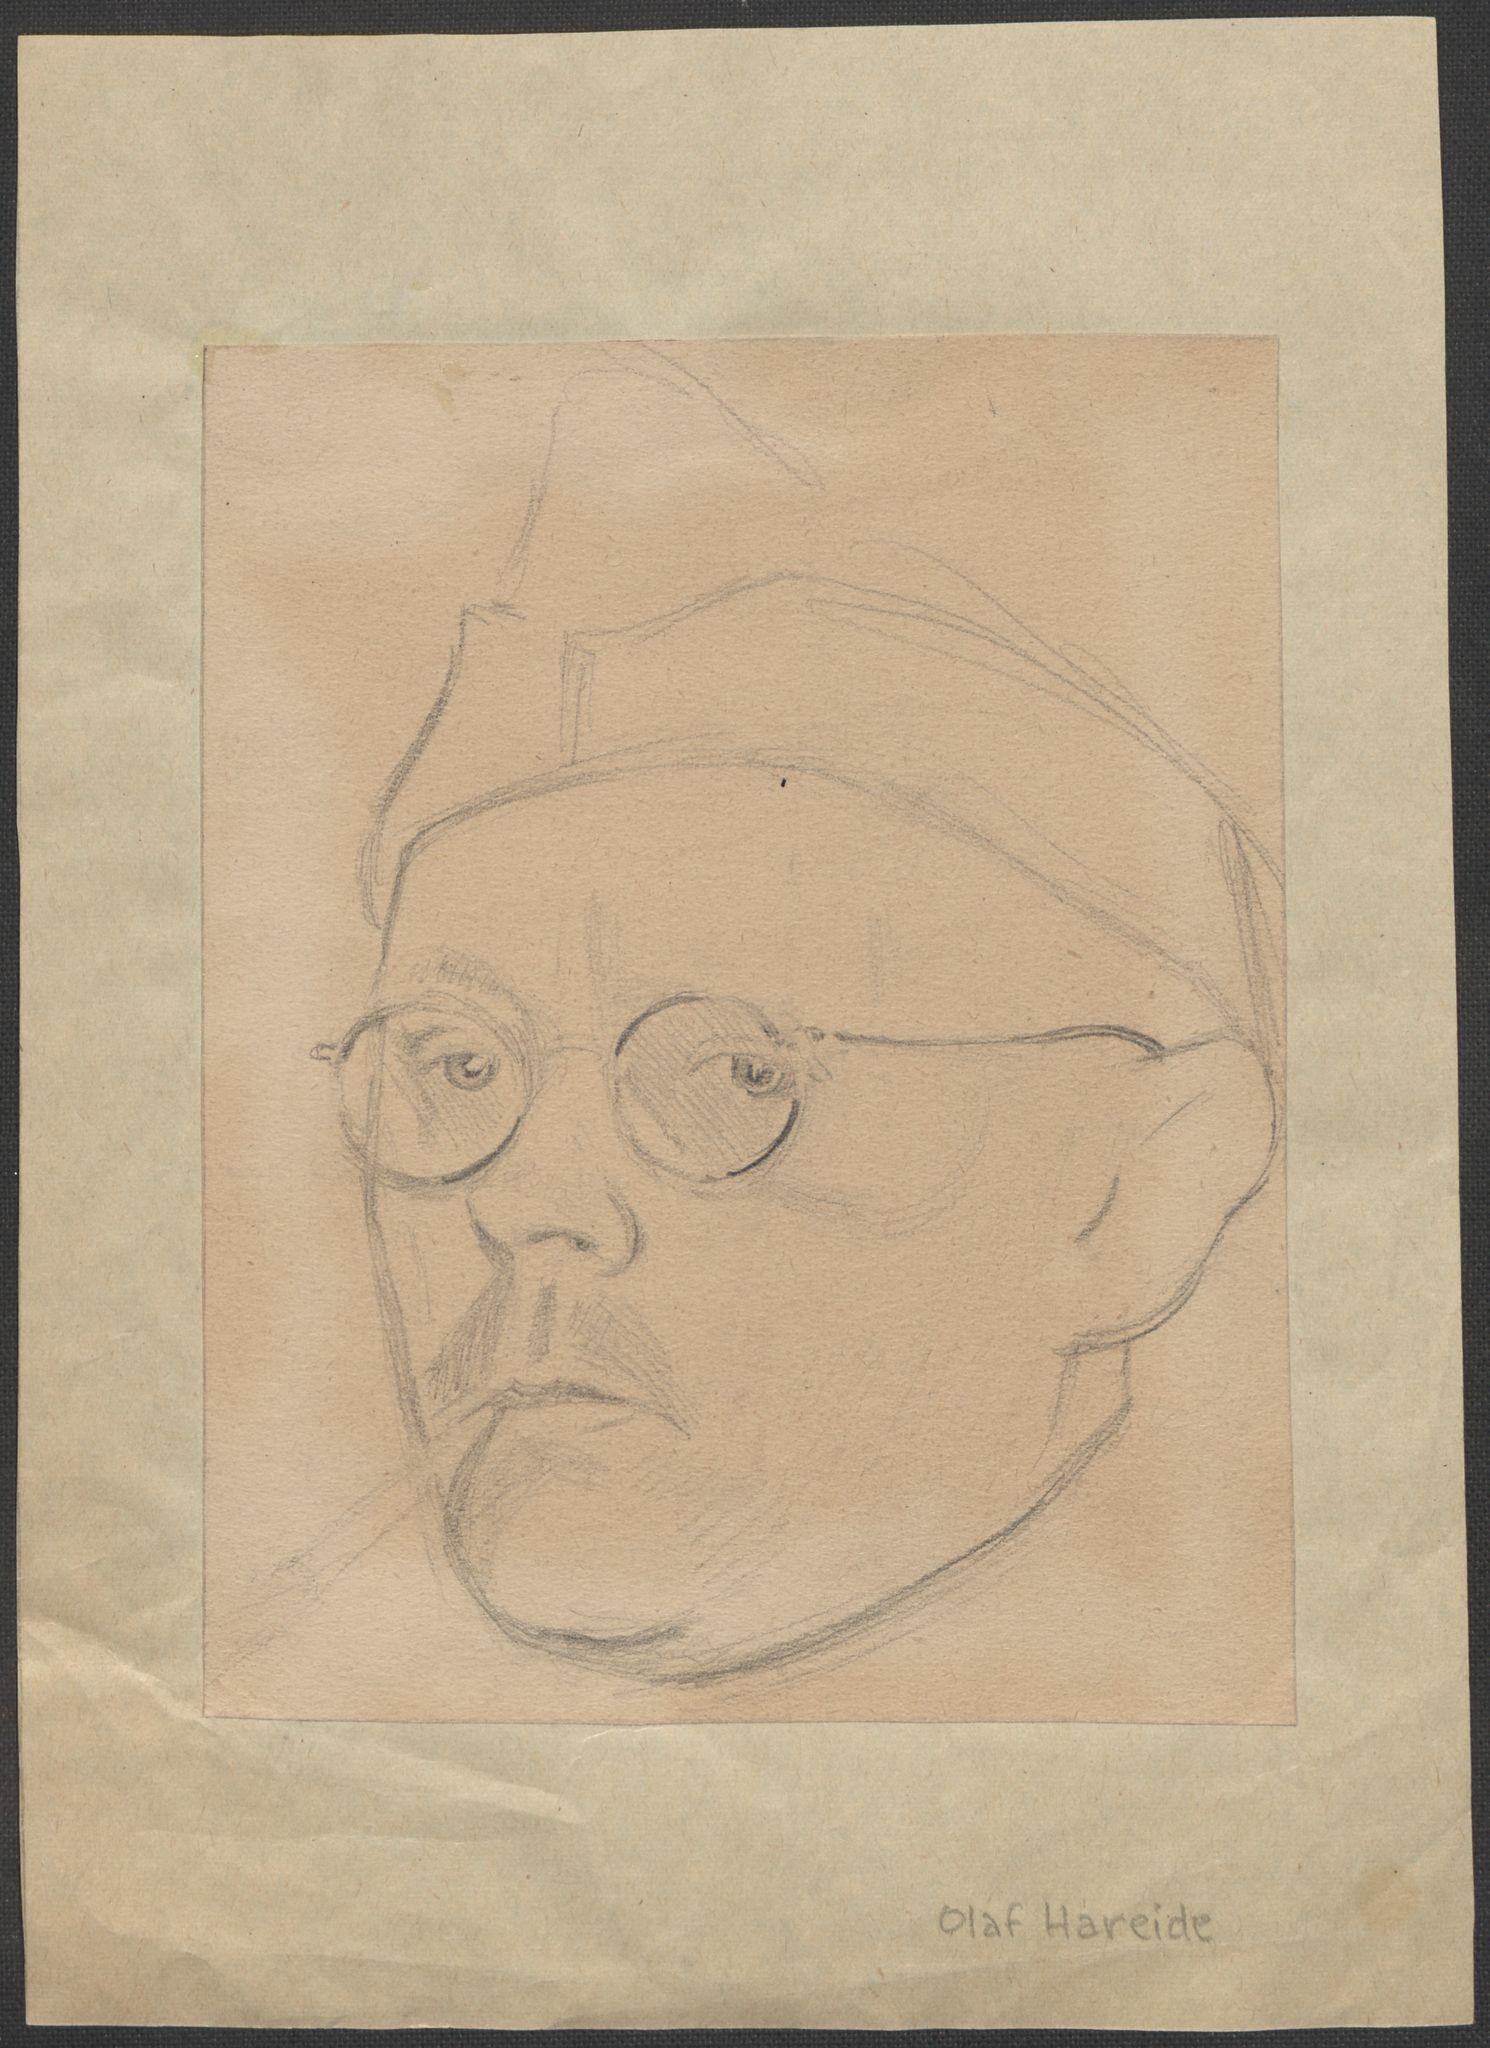 RA, Grøgaard, Joachim, F/L0002: Tegninger og tekster, 1942-1945, s. 8